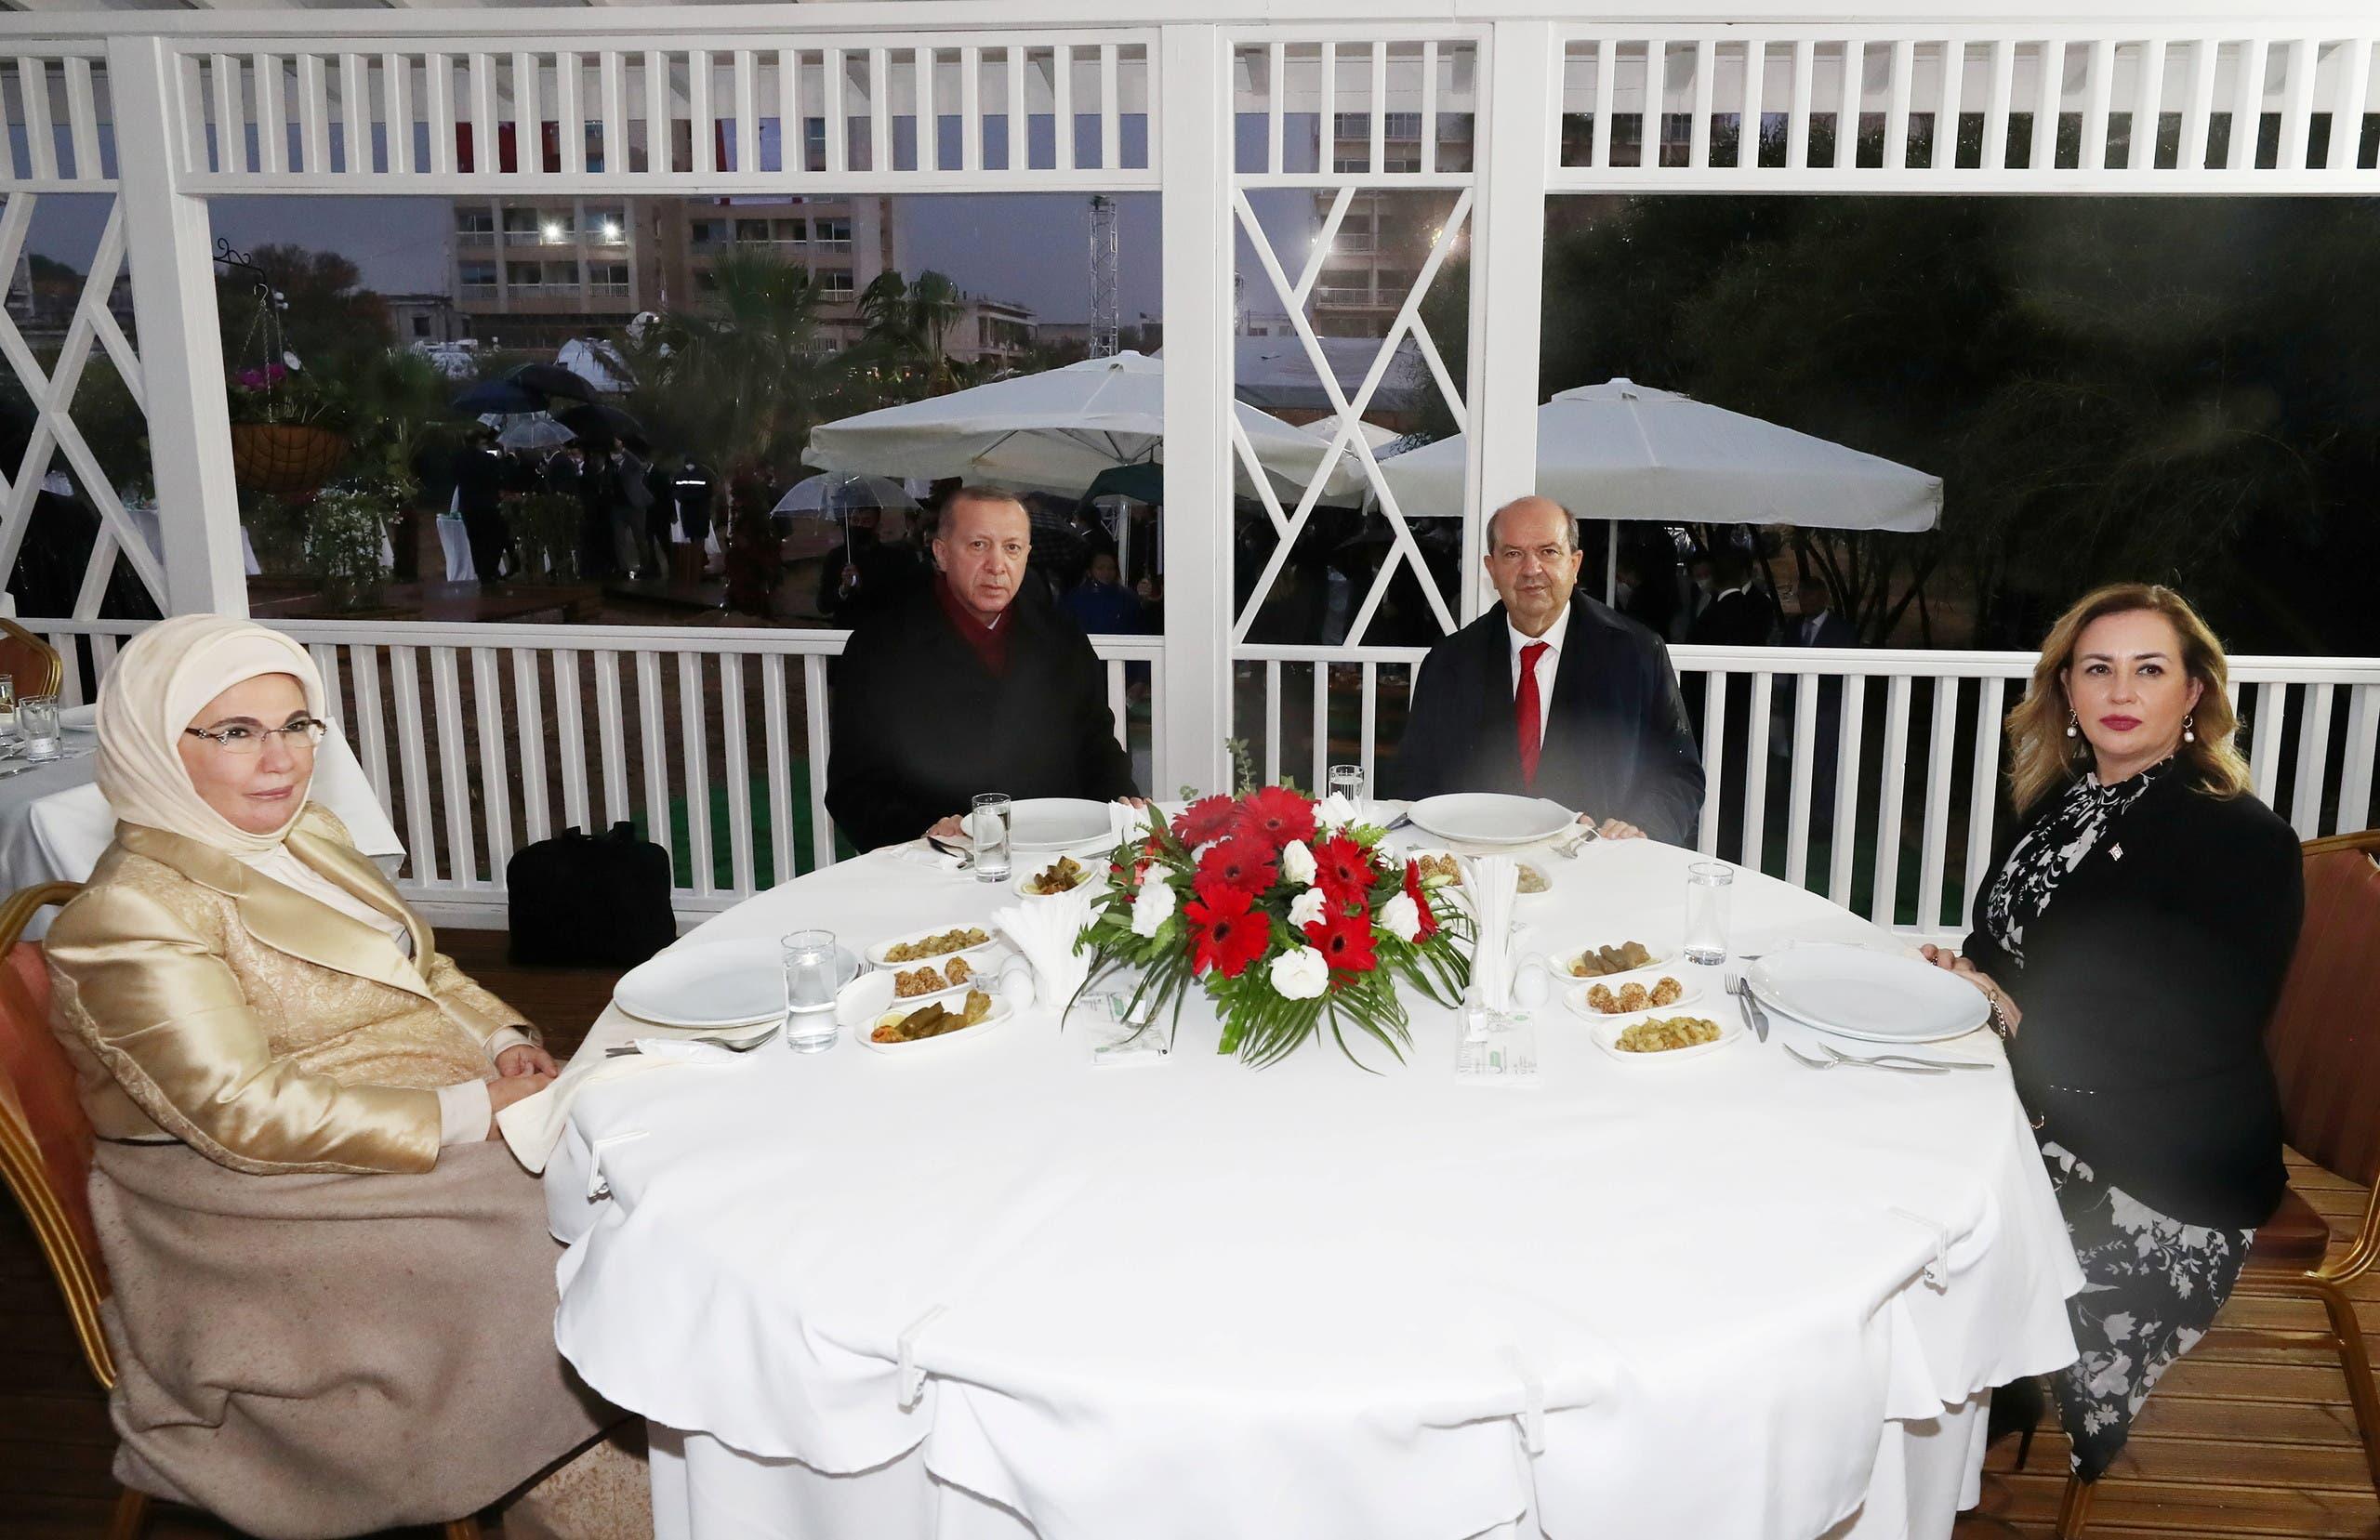 أردوغان وتتار وزوجتيهمت في فاروشا